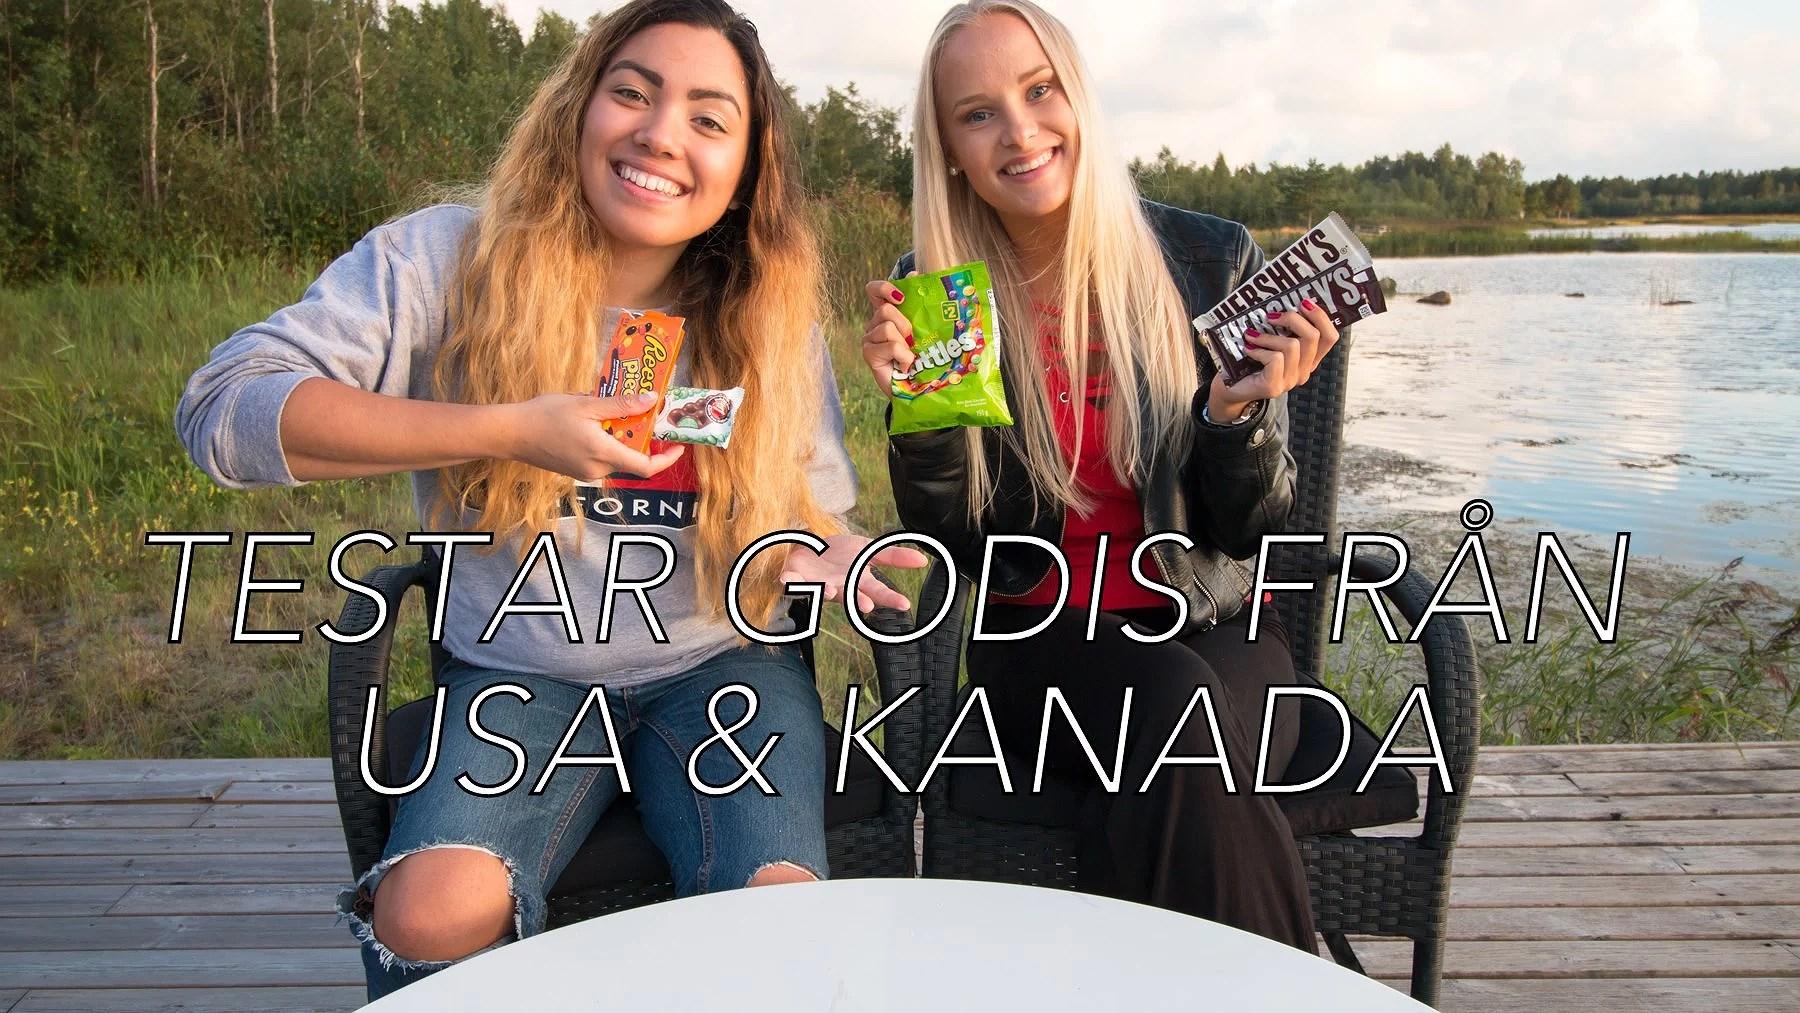 Testar amerikanskt & kanadensiskt godis